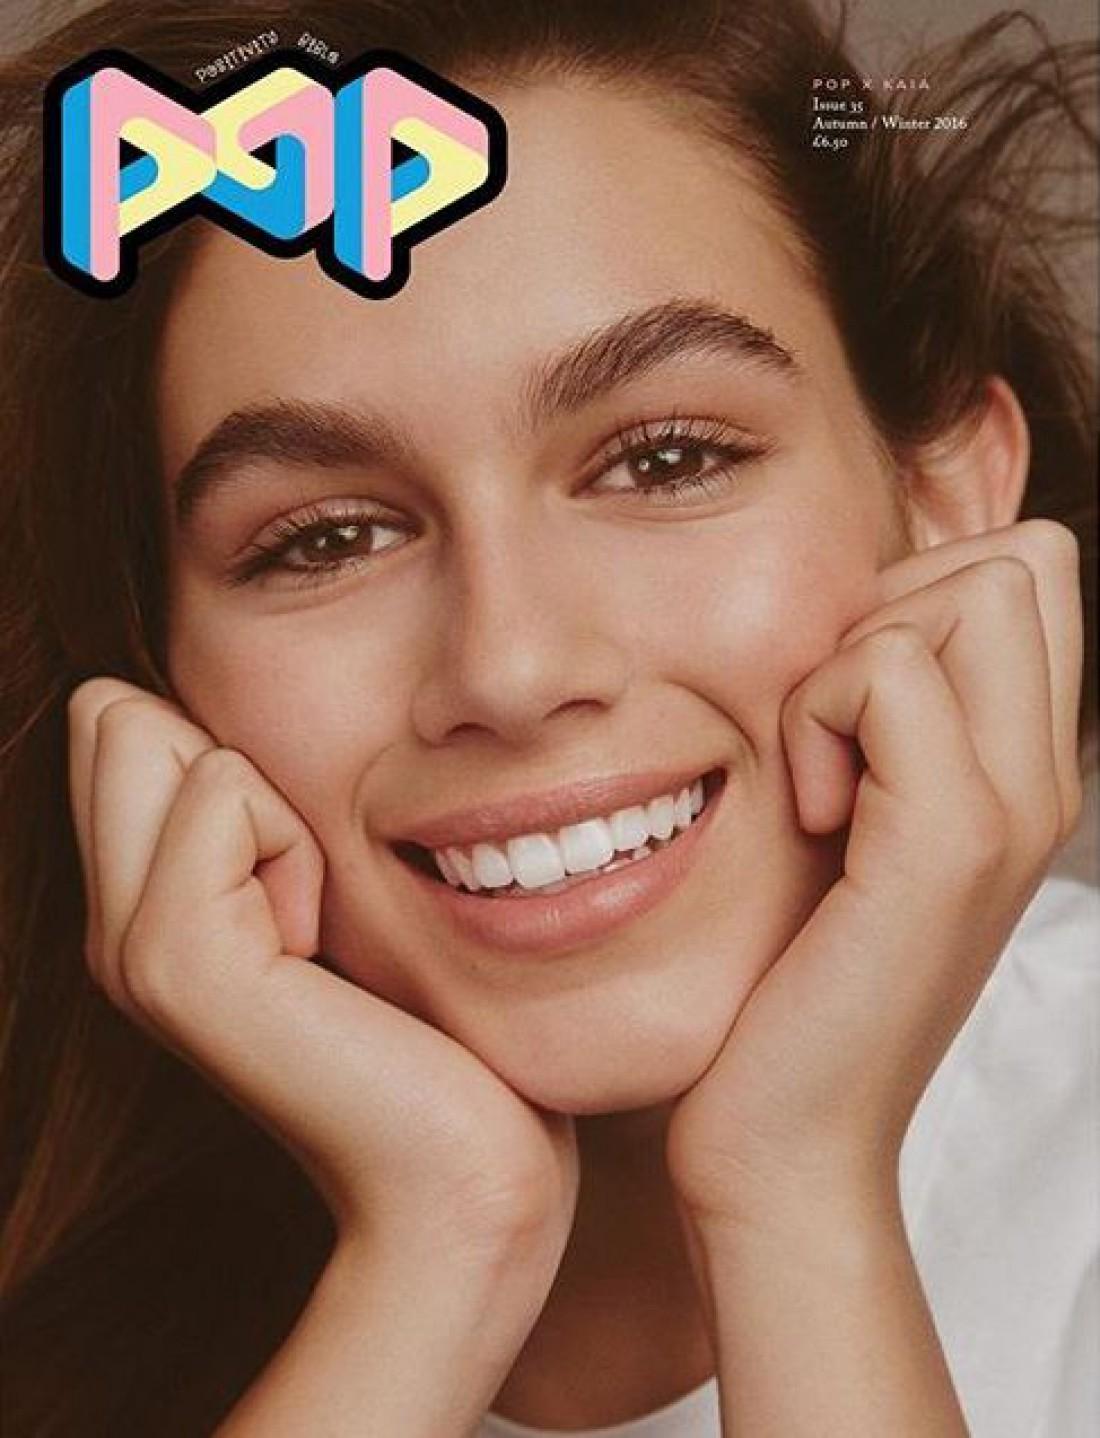 Модель Кайя Гербер на обложках Pop